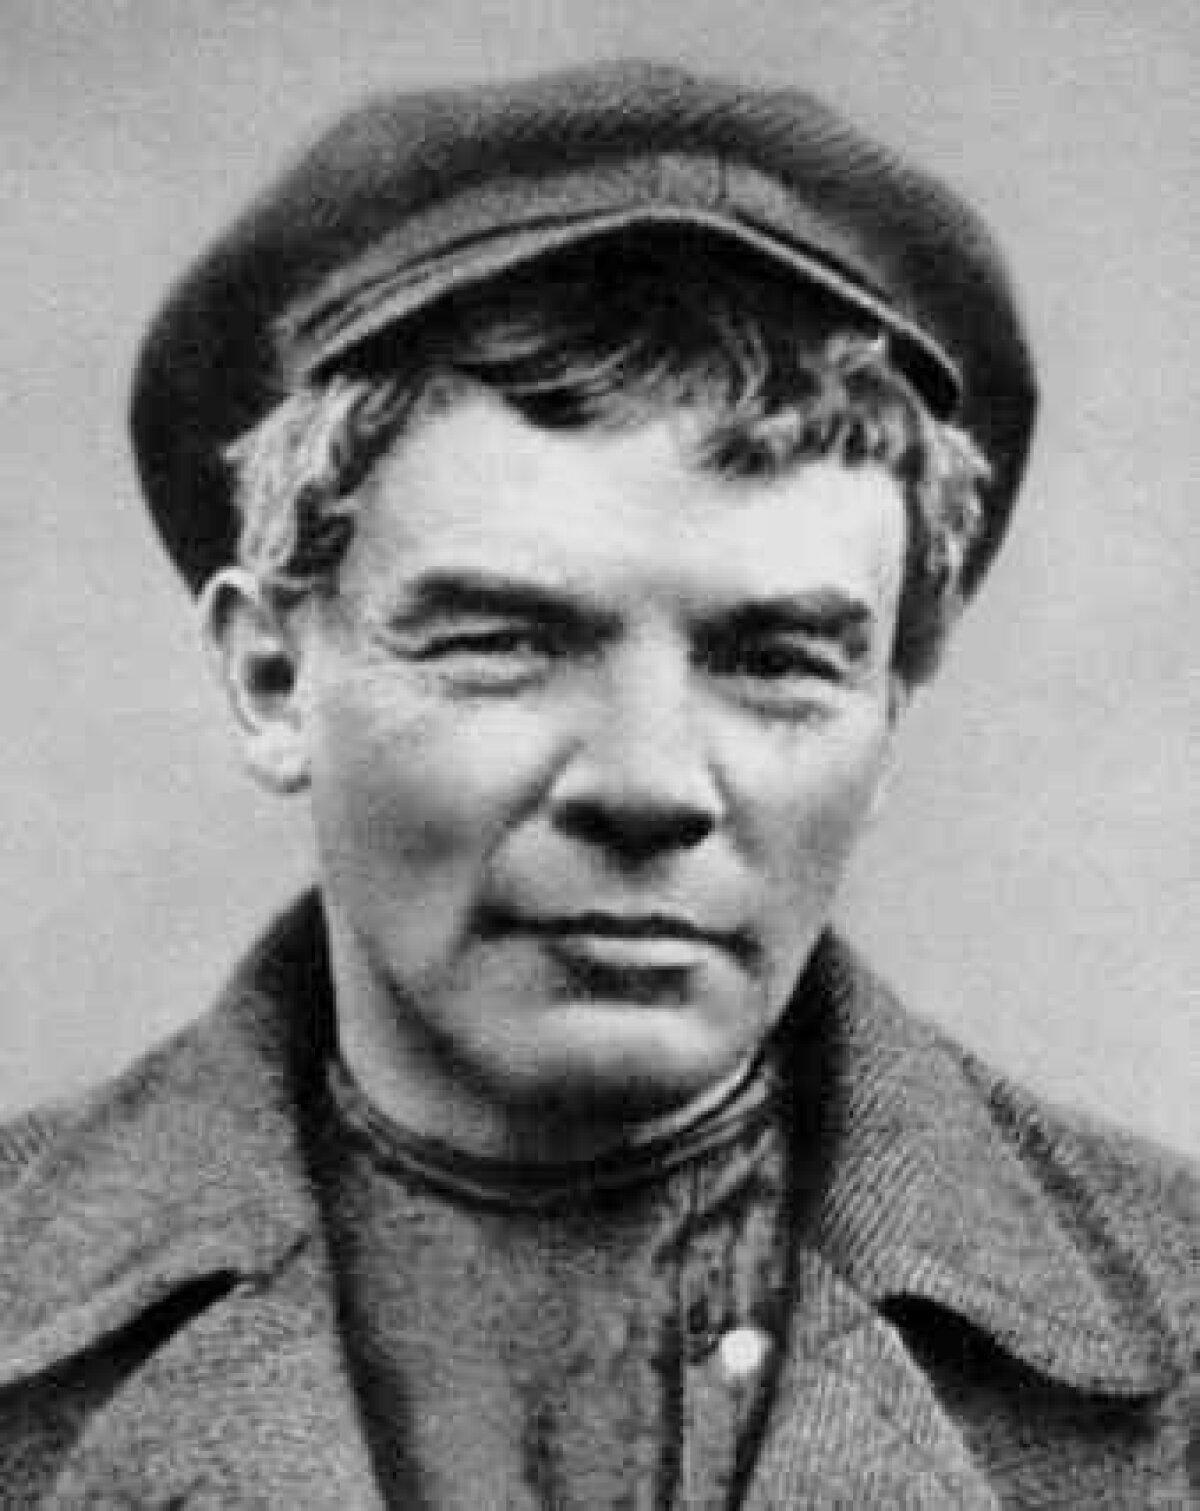 Lenin maskeeringus augustis 1917.